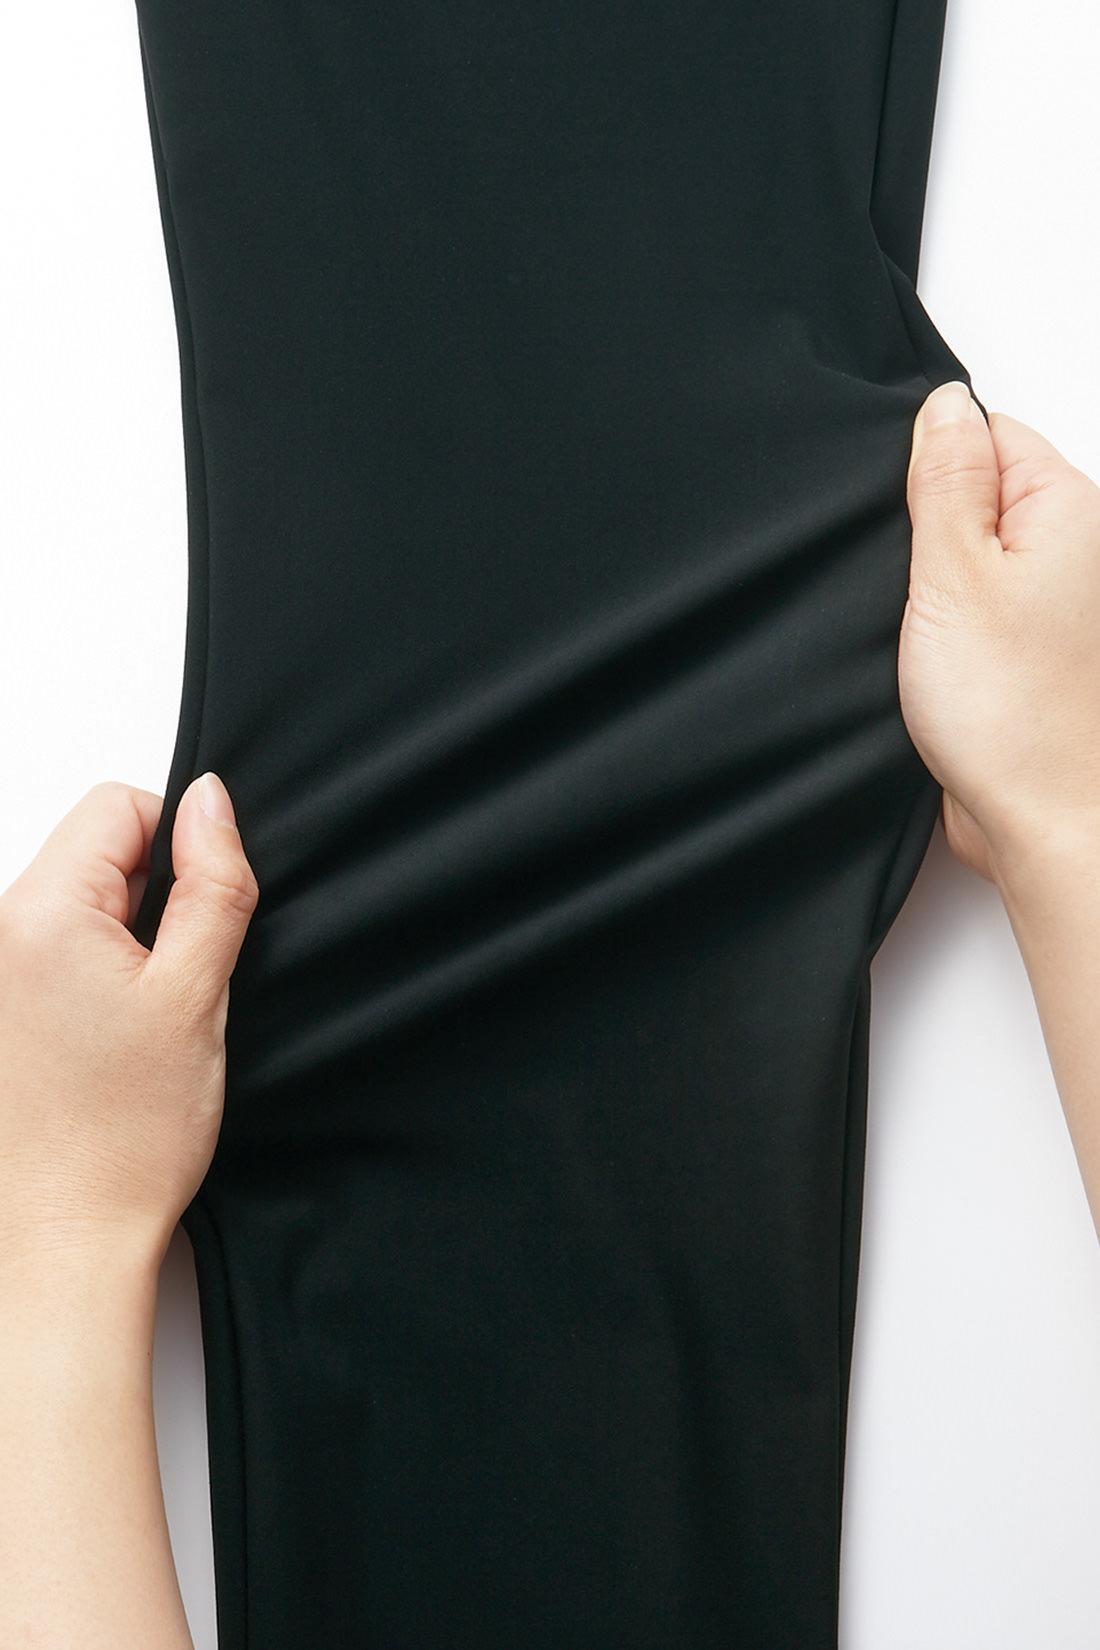 ハリがありながら驚くほど伸縮し、復元力のある360°伸びるハイテンション素材。熟練職人さんの技術によって、編み立てや染色などを繊細に管理された日本製が誇る人気素材です。